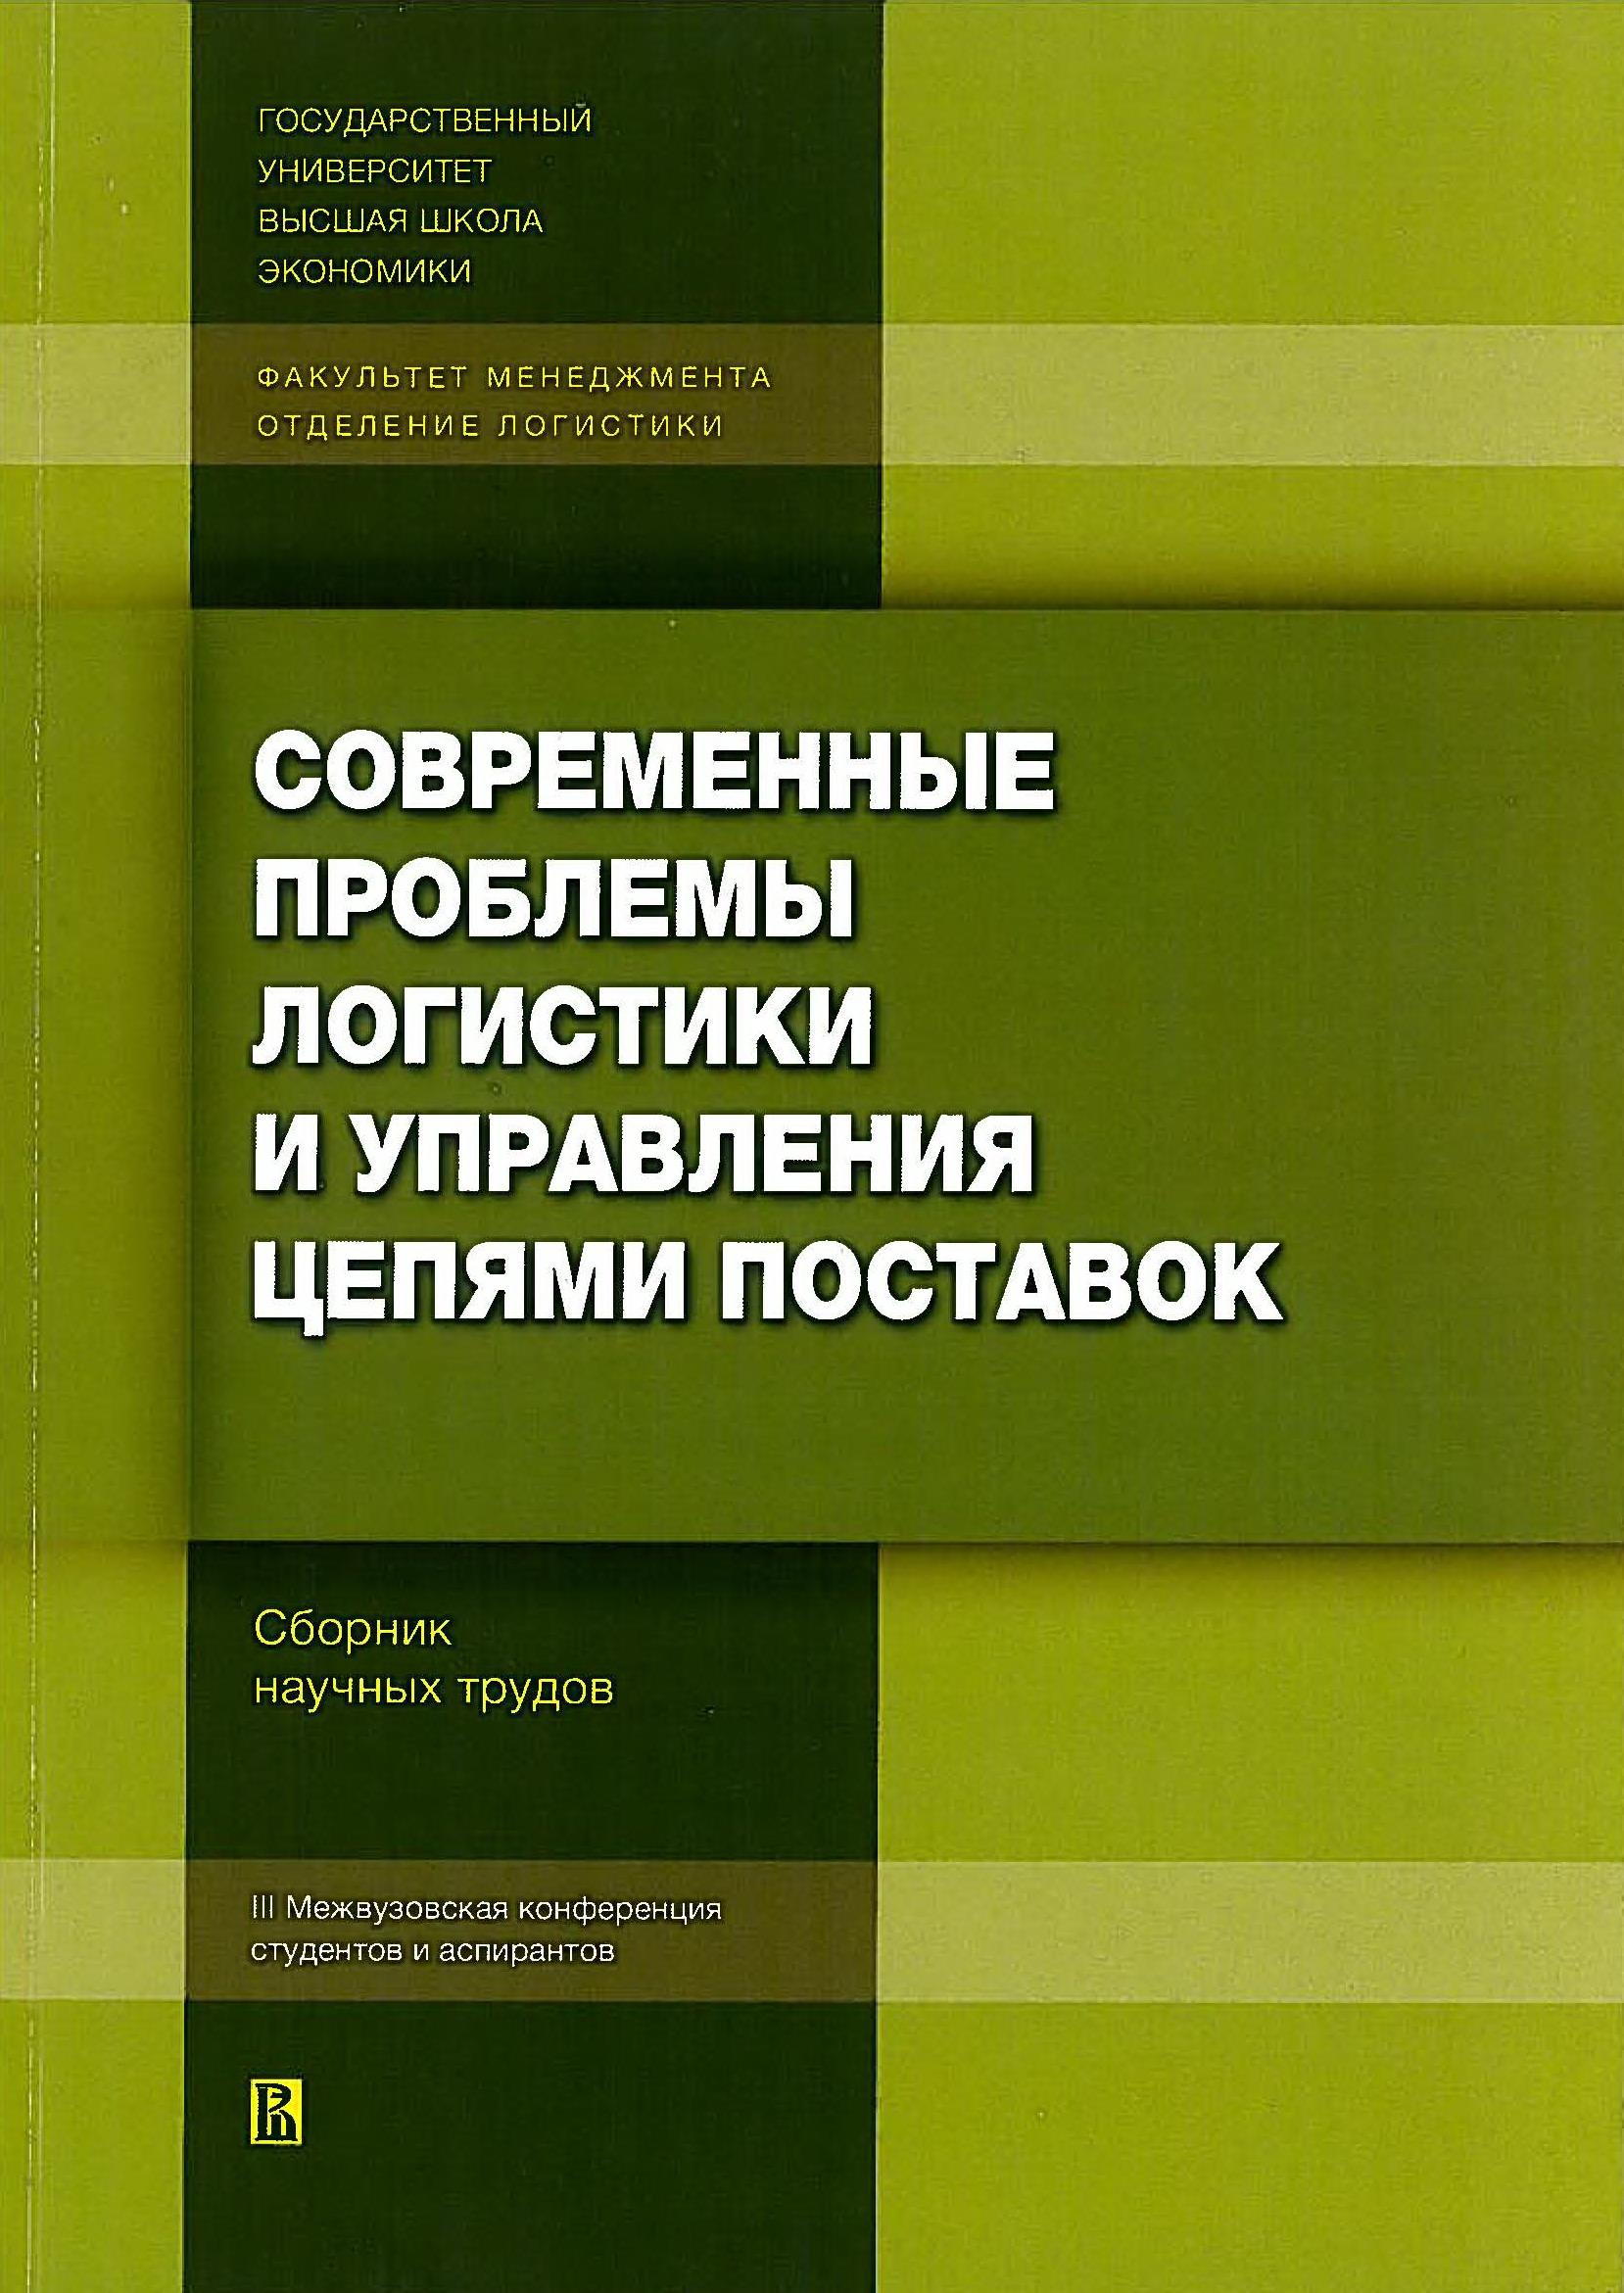 Современные проблемы логистики и управления цепями поставок. III Межвузовская конференция студентов и аспирантов (12 марта 2009 г.)